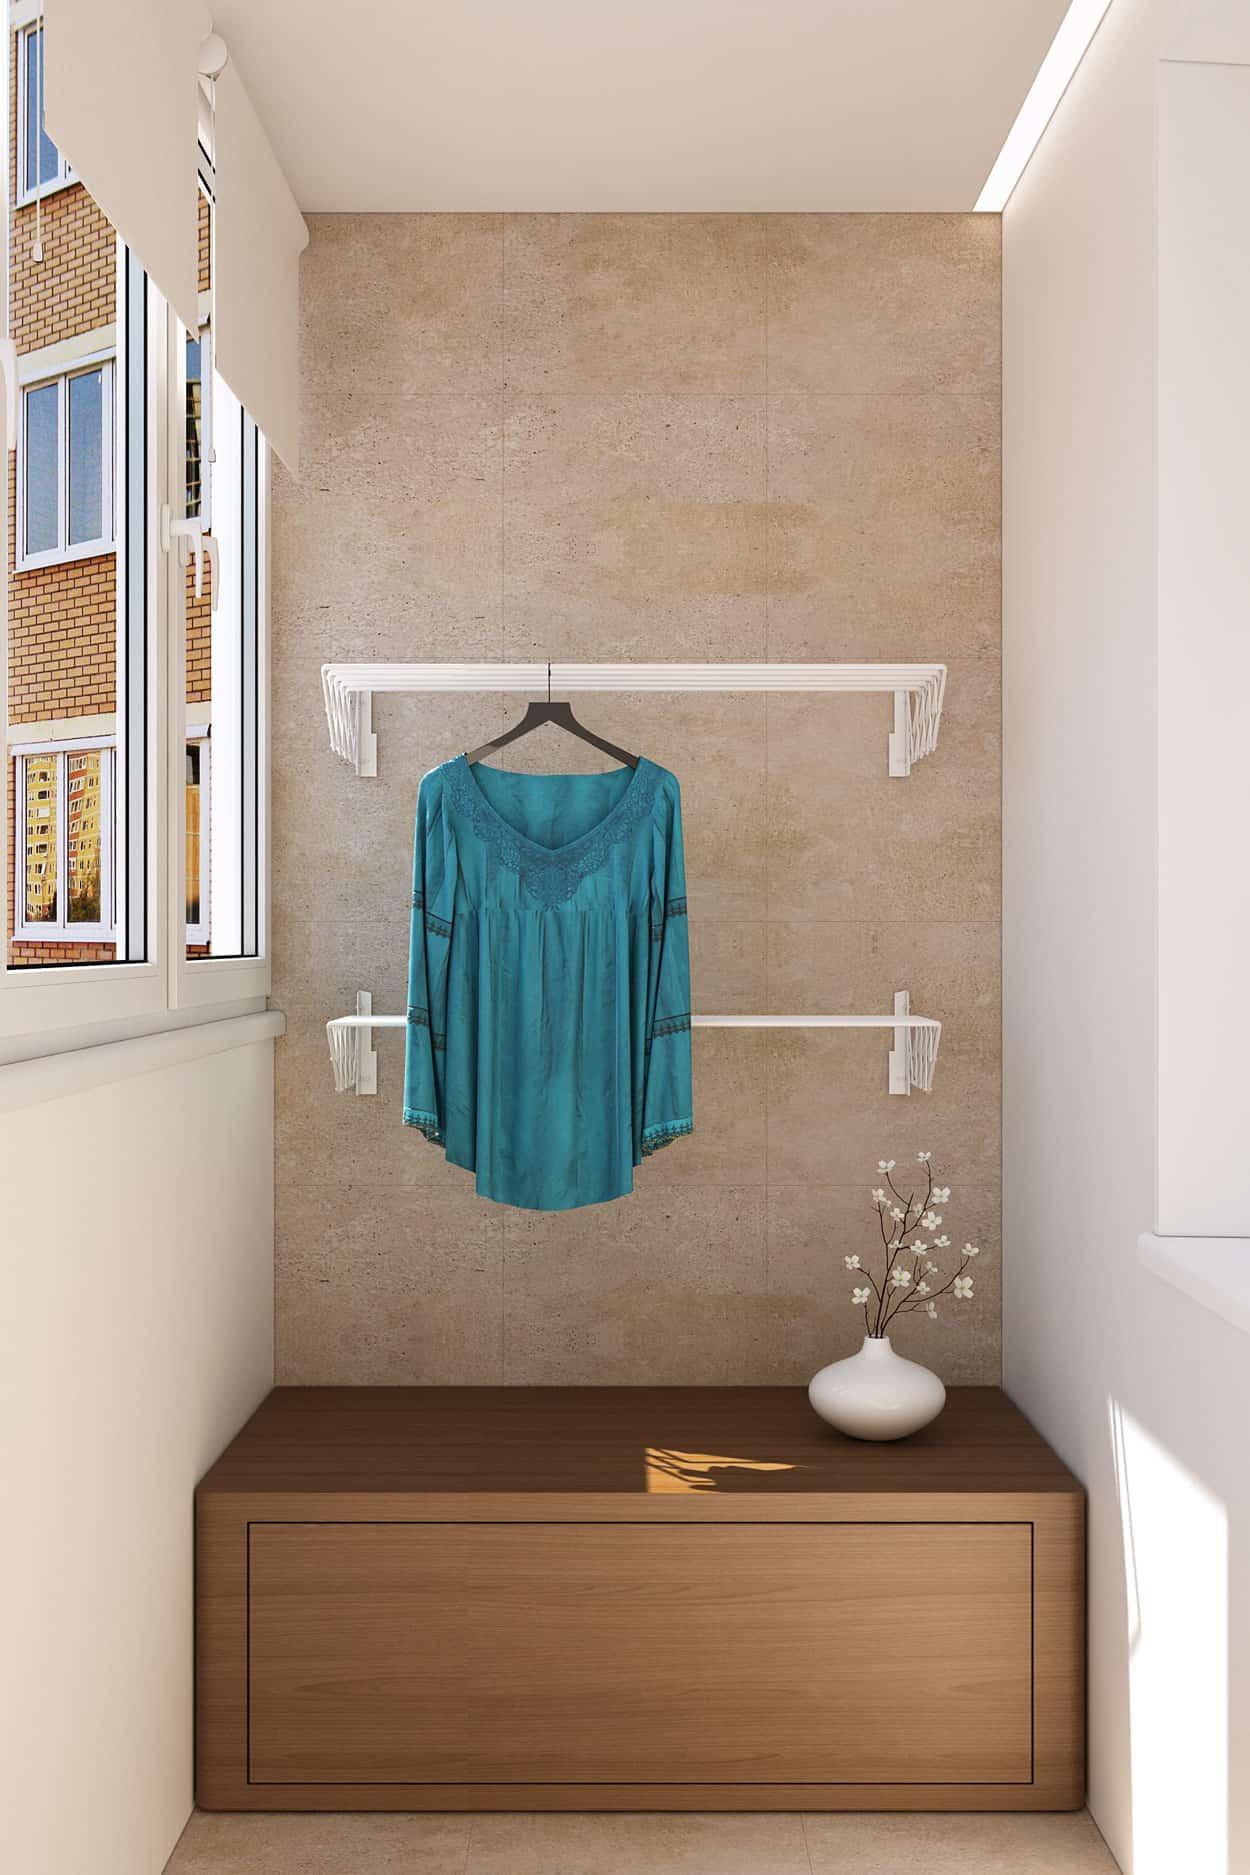 Проект от студии geometrium: дизайн 2-х комнатной квартиры 6.